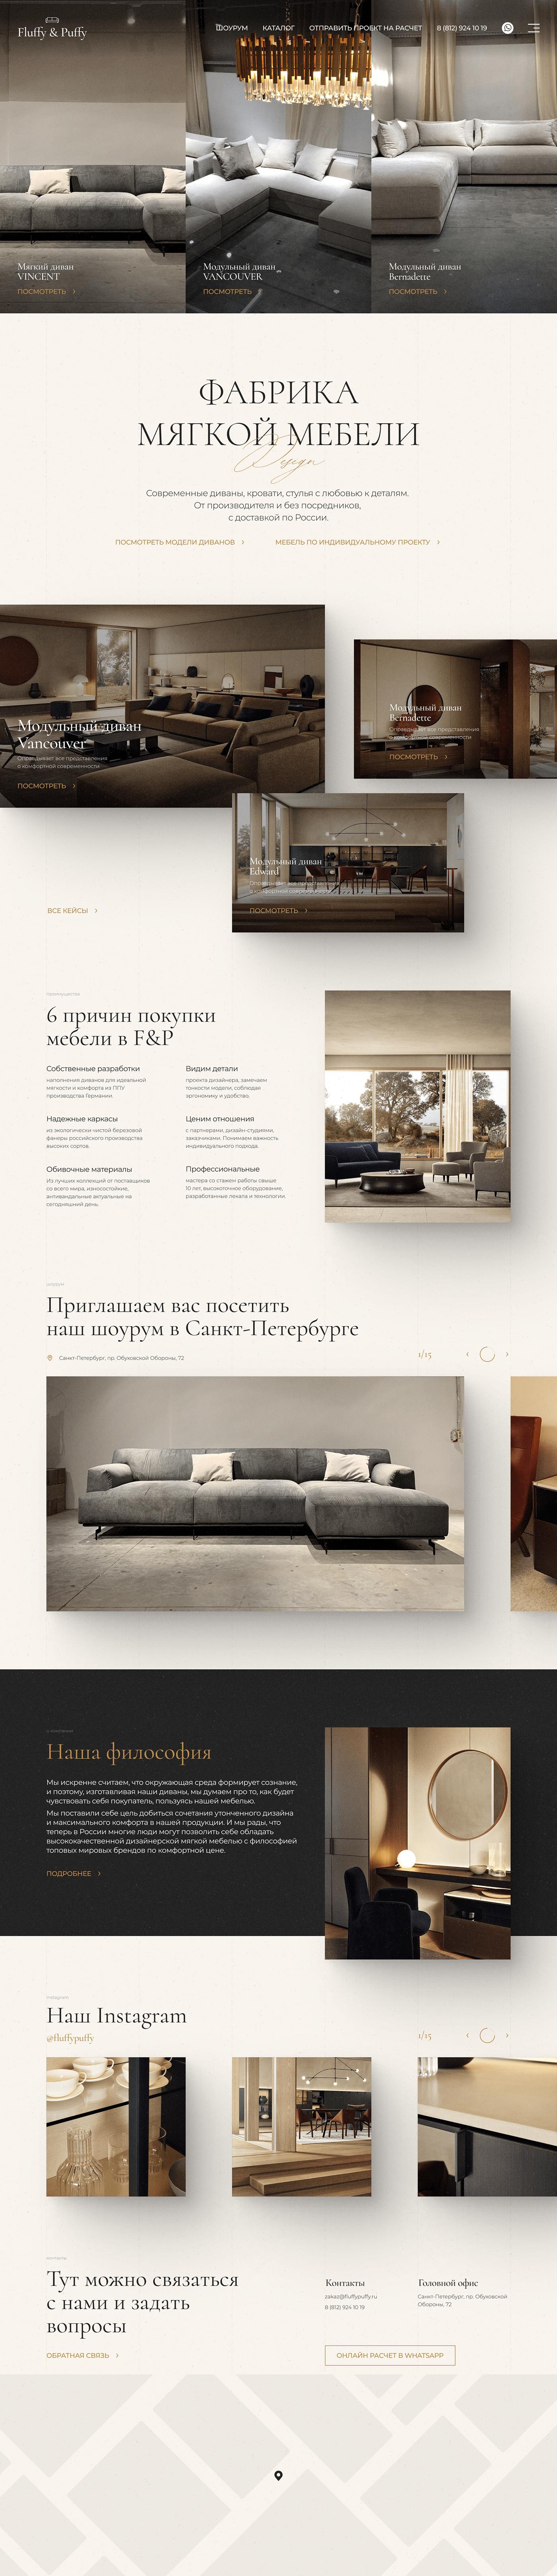 Figma furniture landing landing page sofa